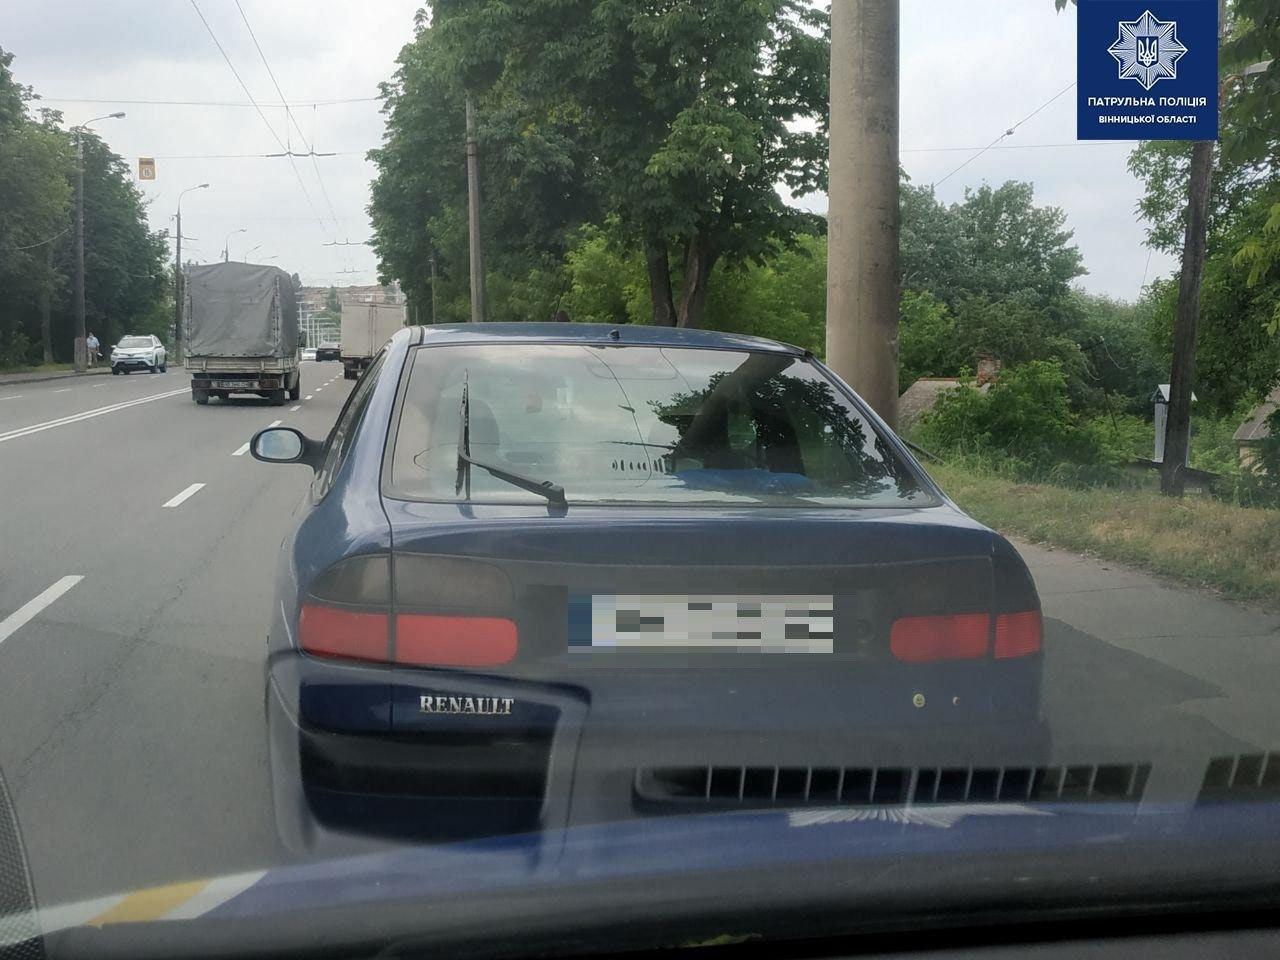 """У Вінниці патрульні зупинили водія Renault """"під кайфом"""". У понятого теж знайшли наркотики (Фото)"""